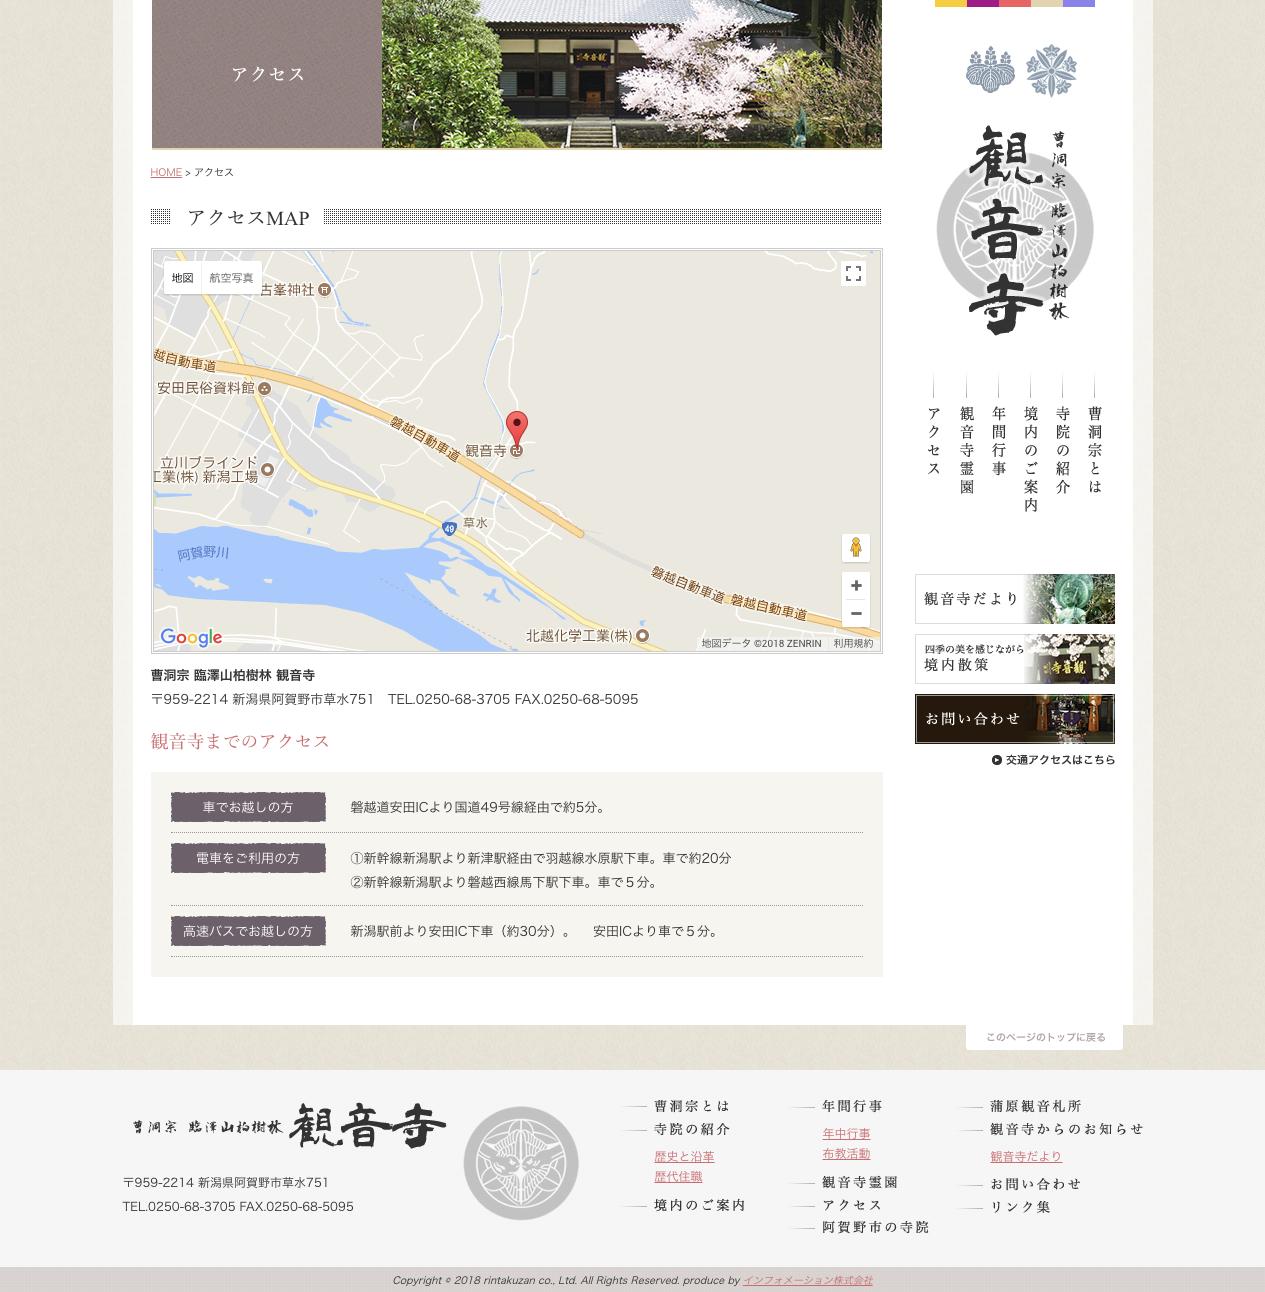 曹洞宗 臨澤山柏樹林 観音寺 様のホームページ